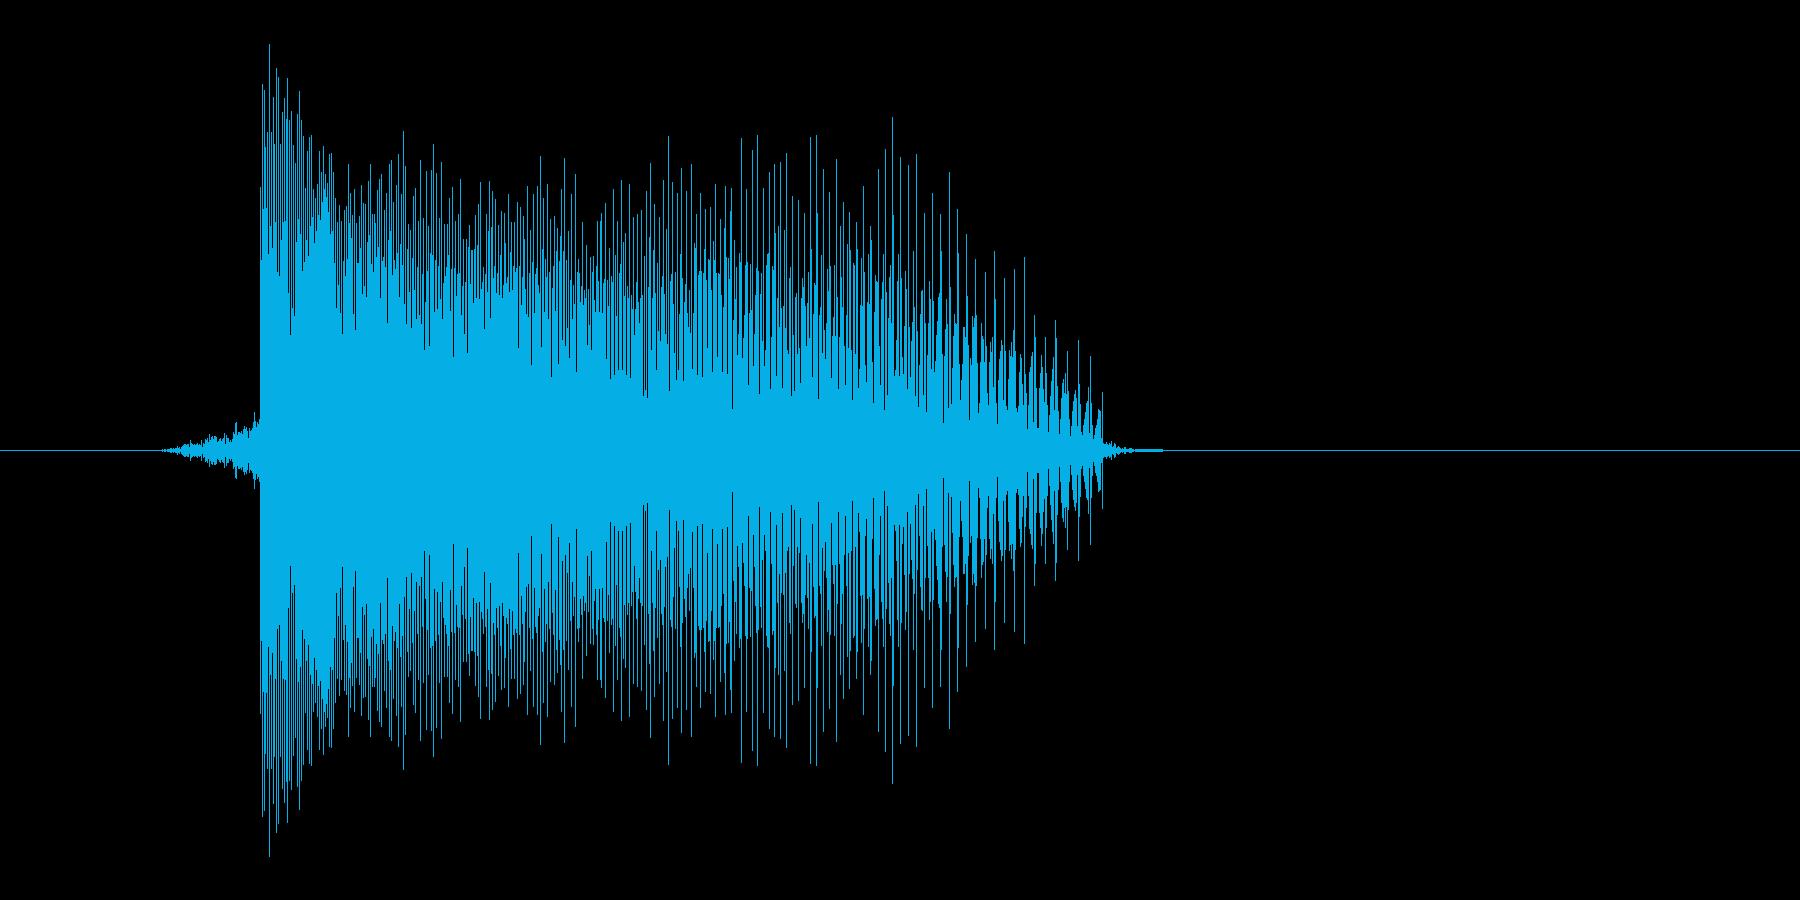 ゲーム(ファミコン風)レーザー音_034の再生済みの波形